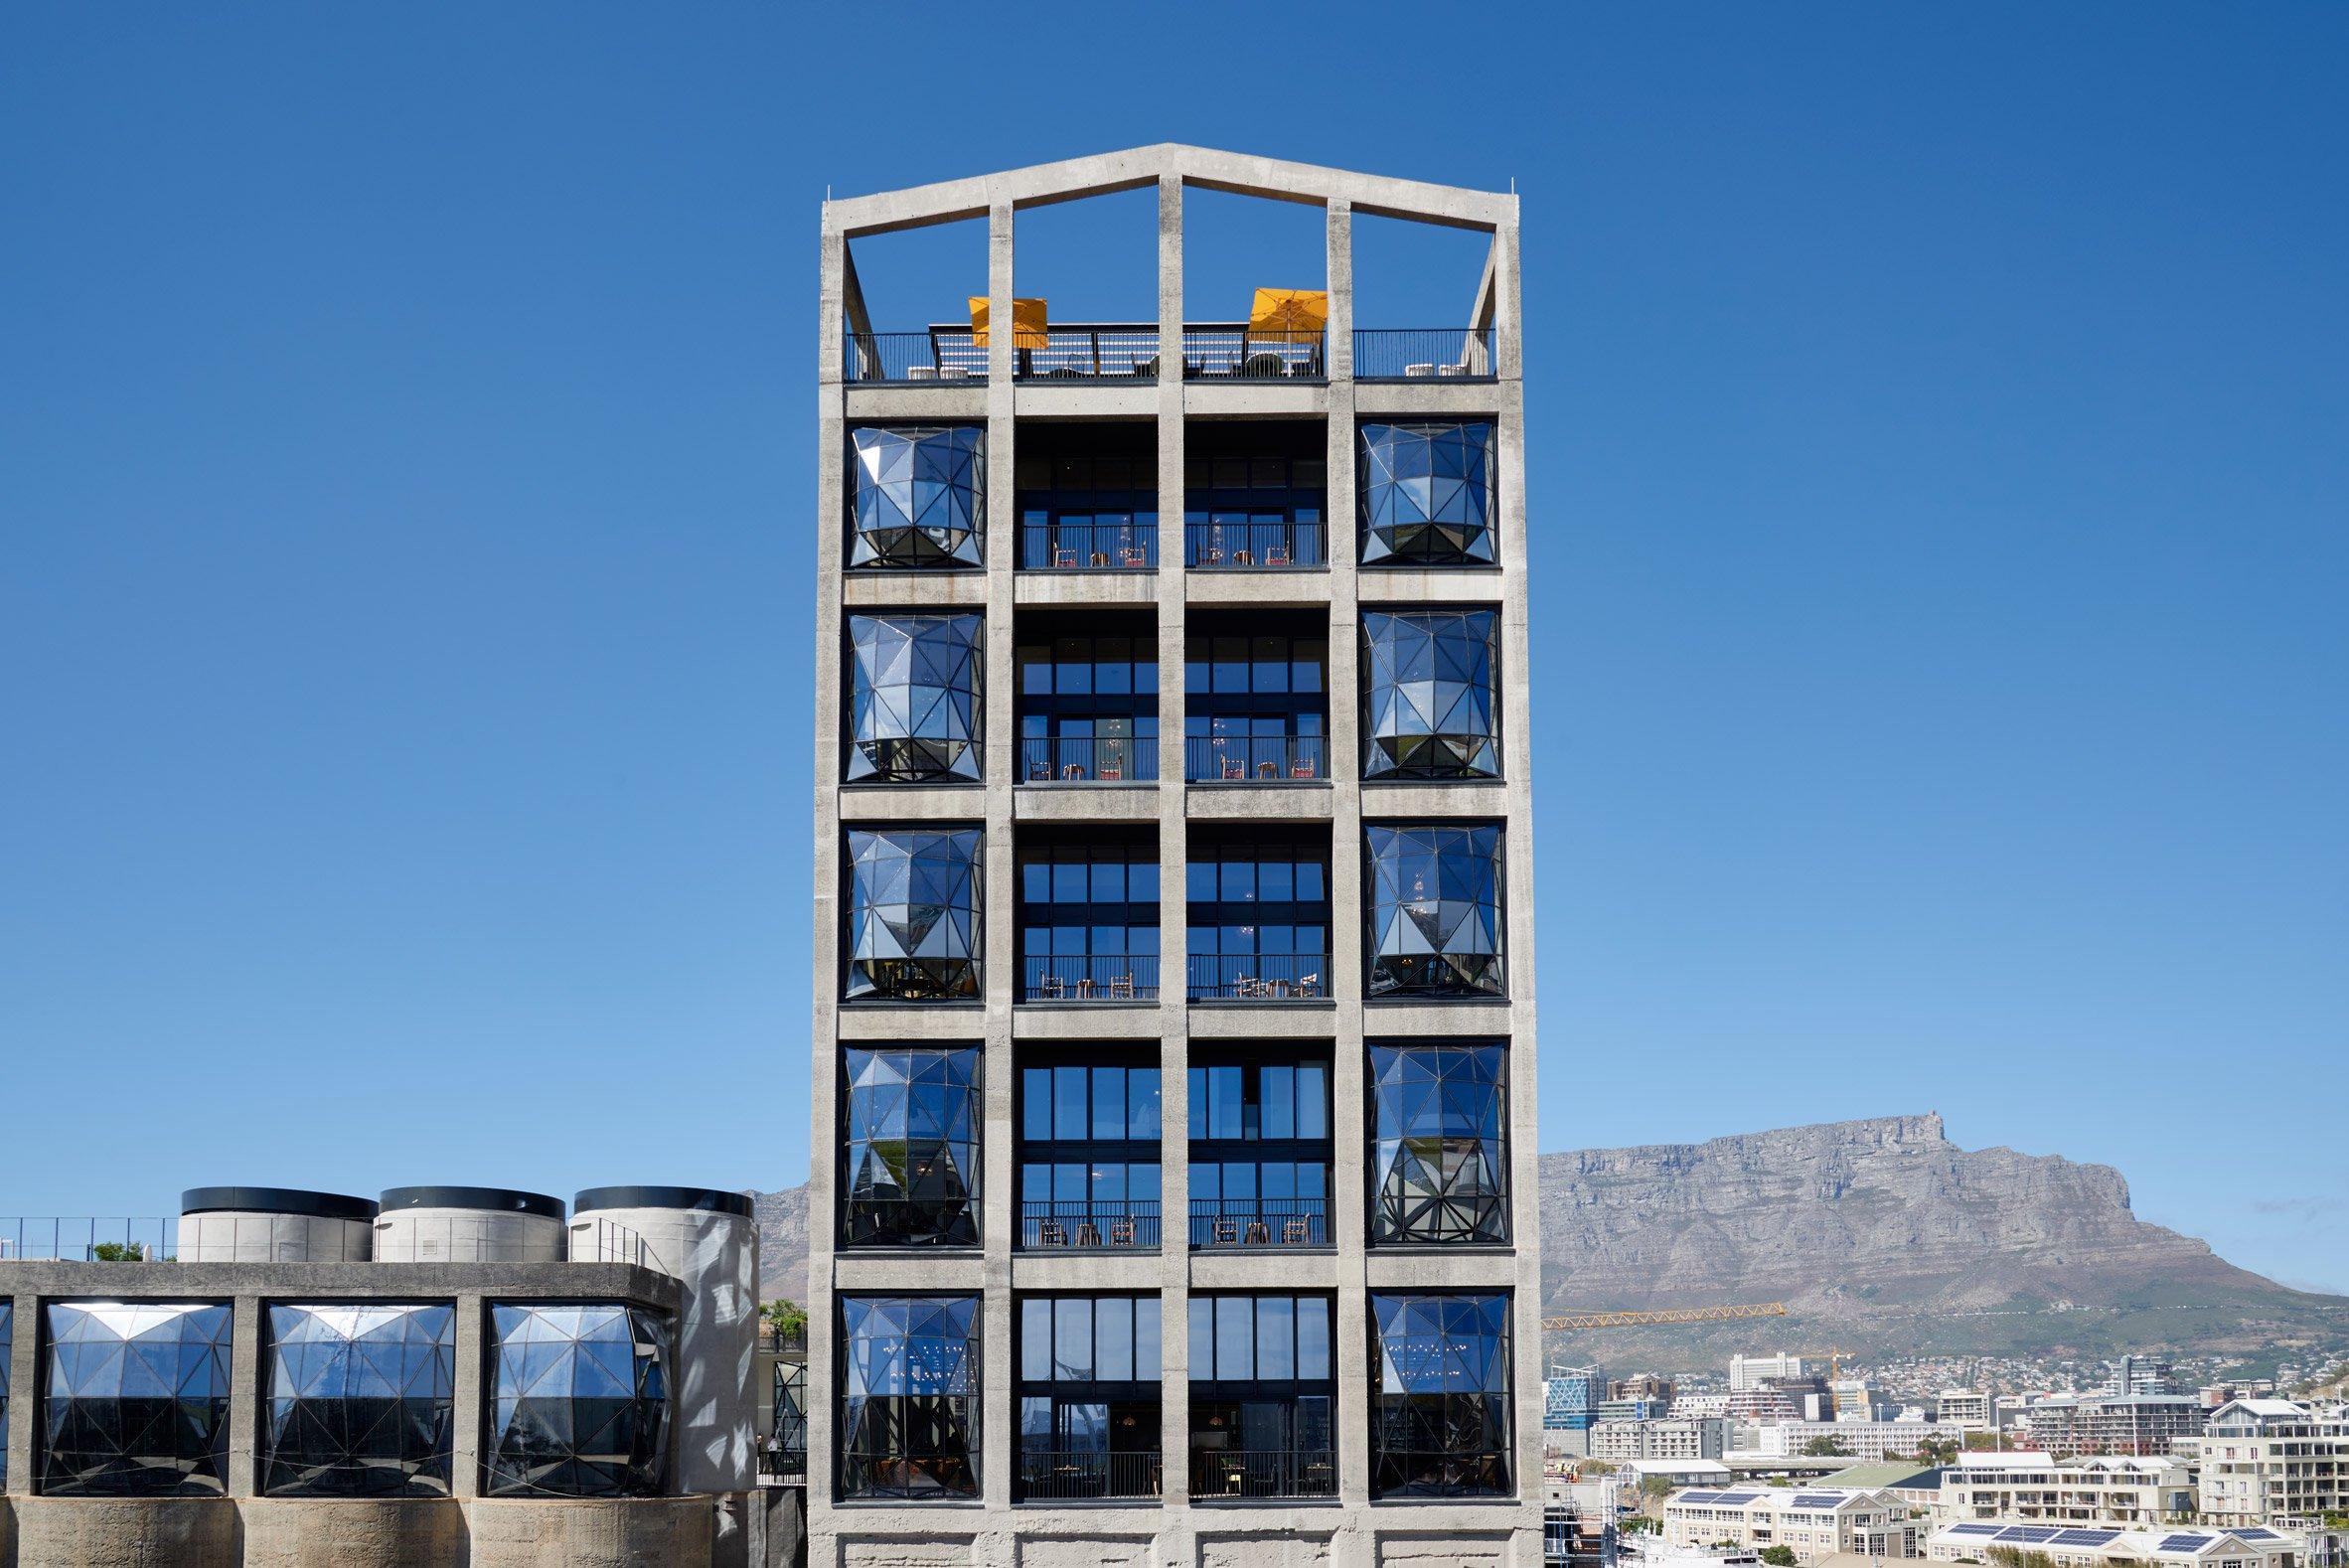 L'hotel gode di una vista mozzafiato sulla The Table Mountain e sull'isola di Robben / The Royal Portfolio hotel